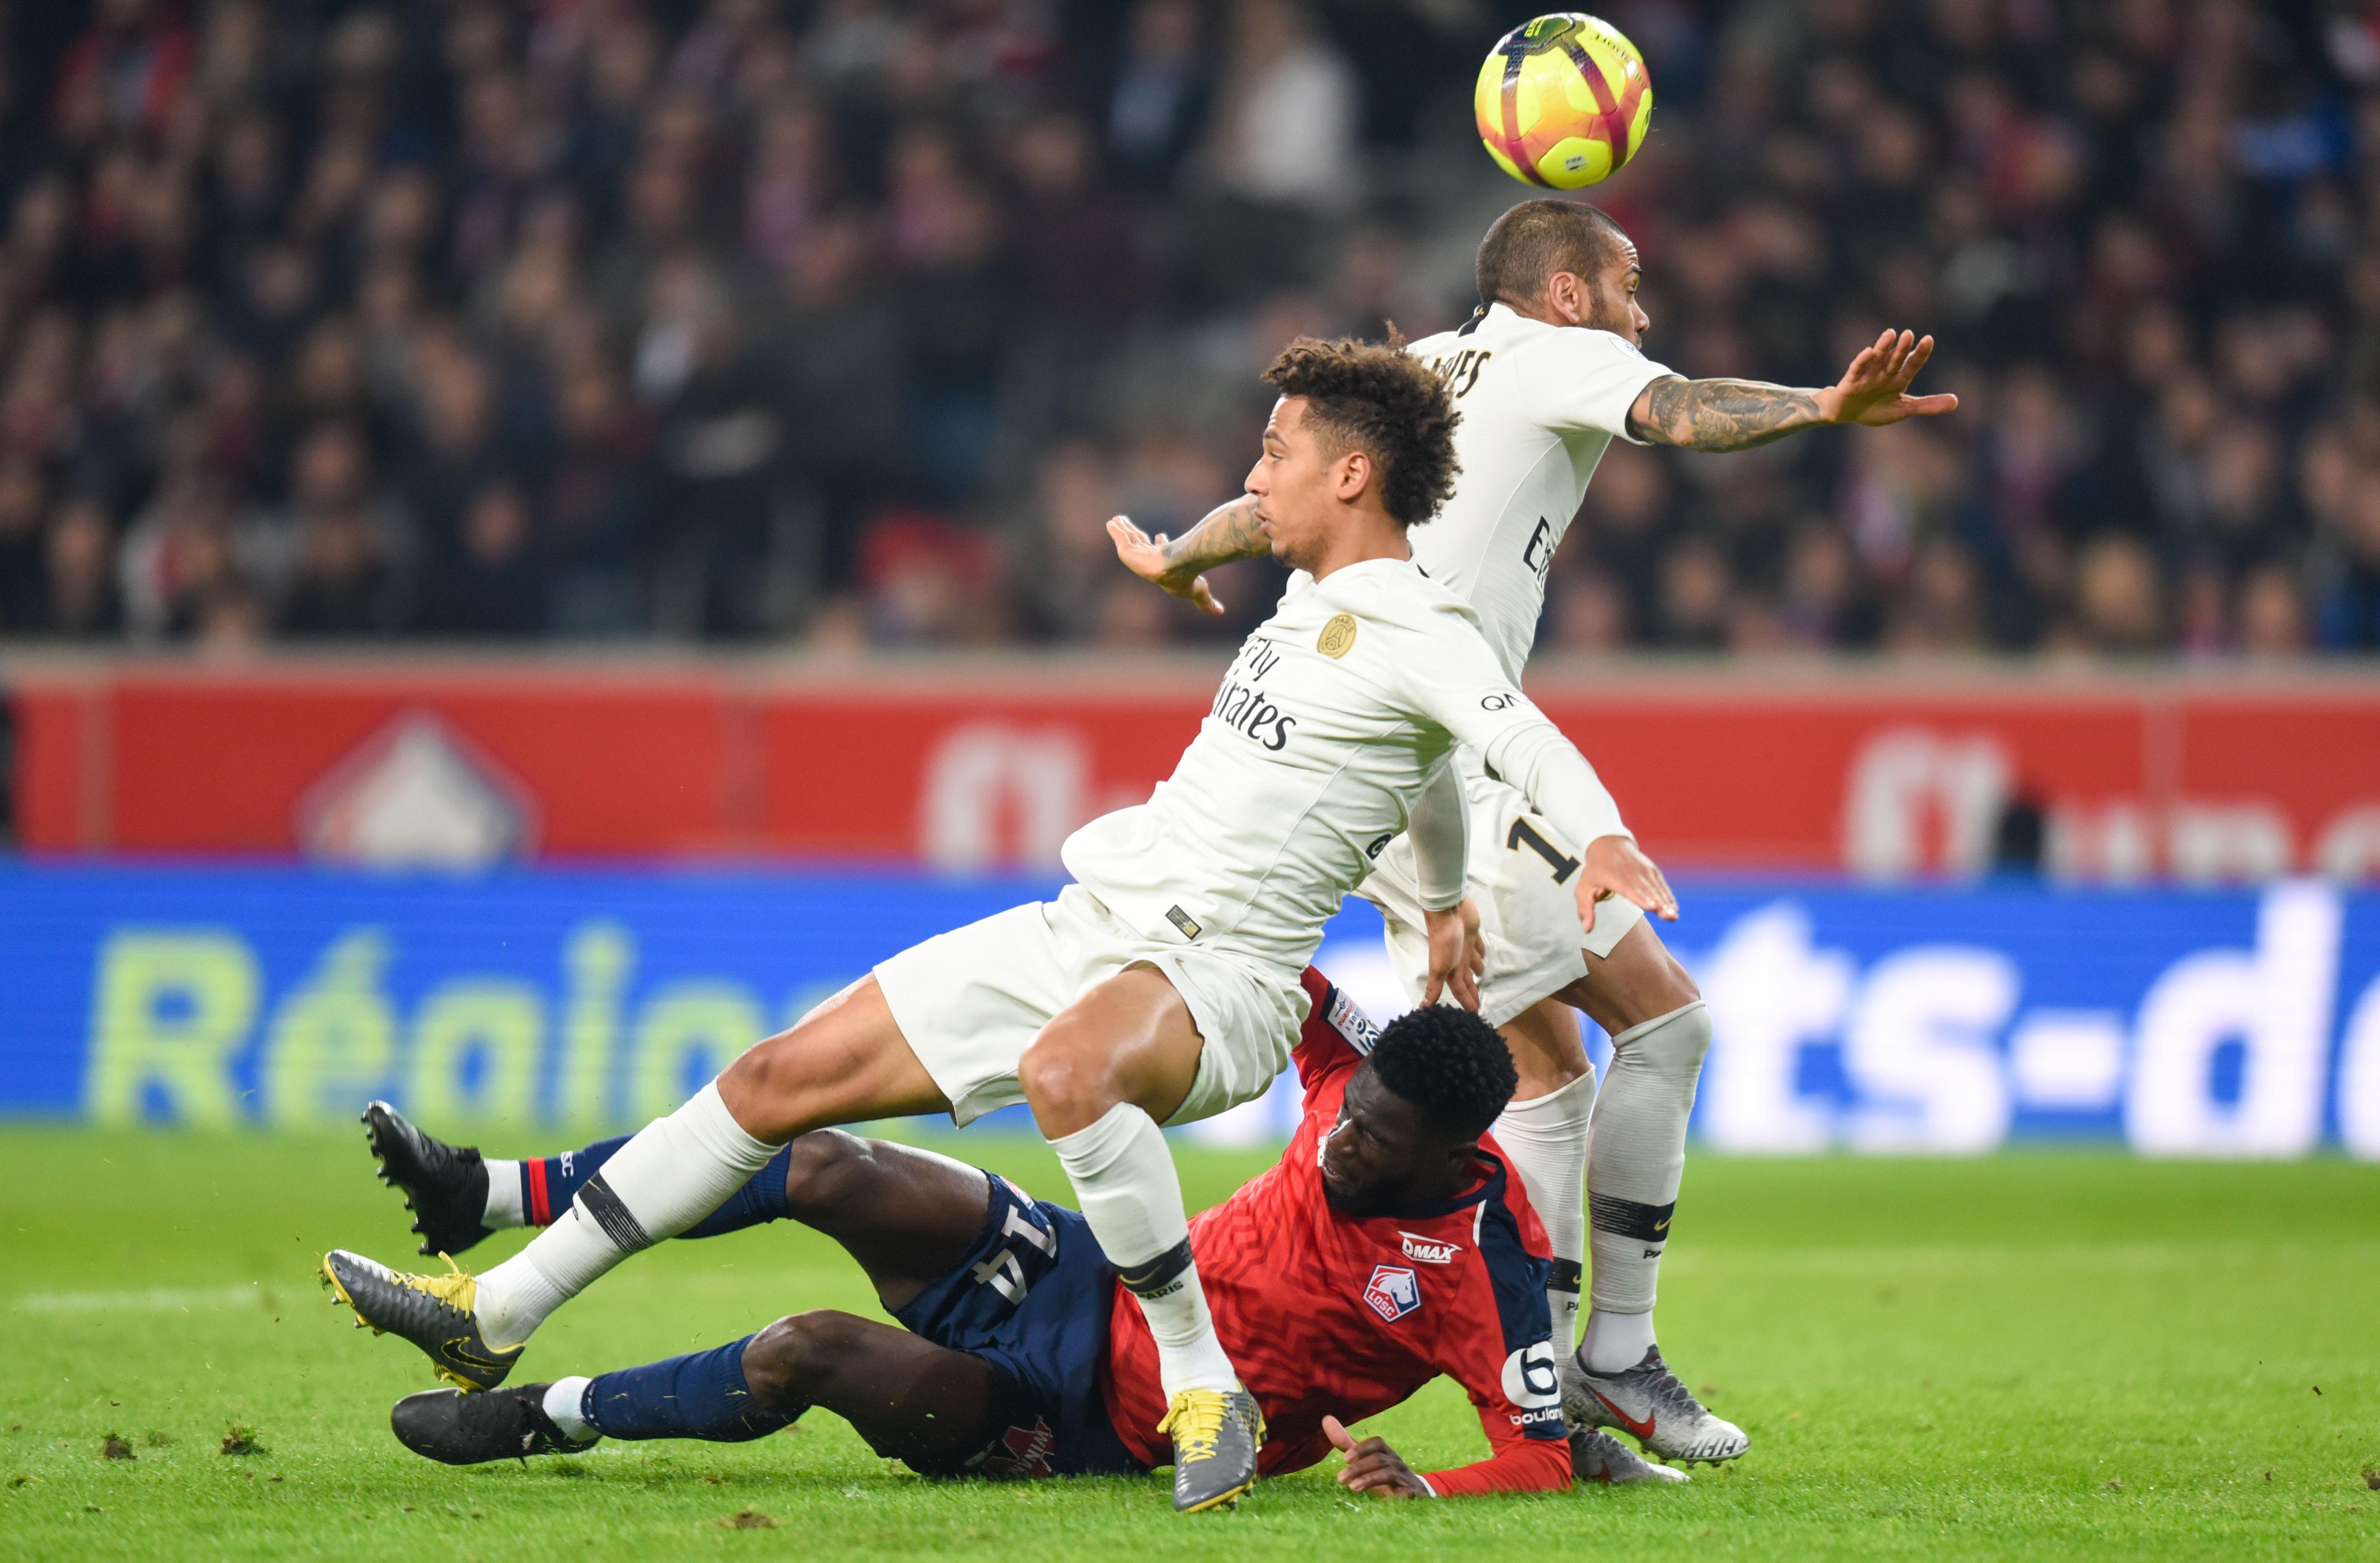 Football - Ligue 1 - PSG, Monaco, Debuchy : le debrief stats du week-end de L1